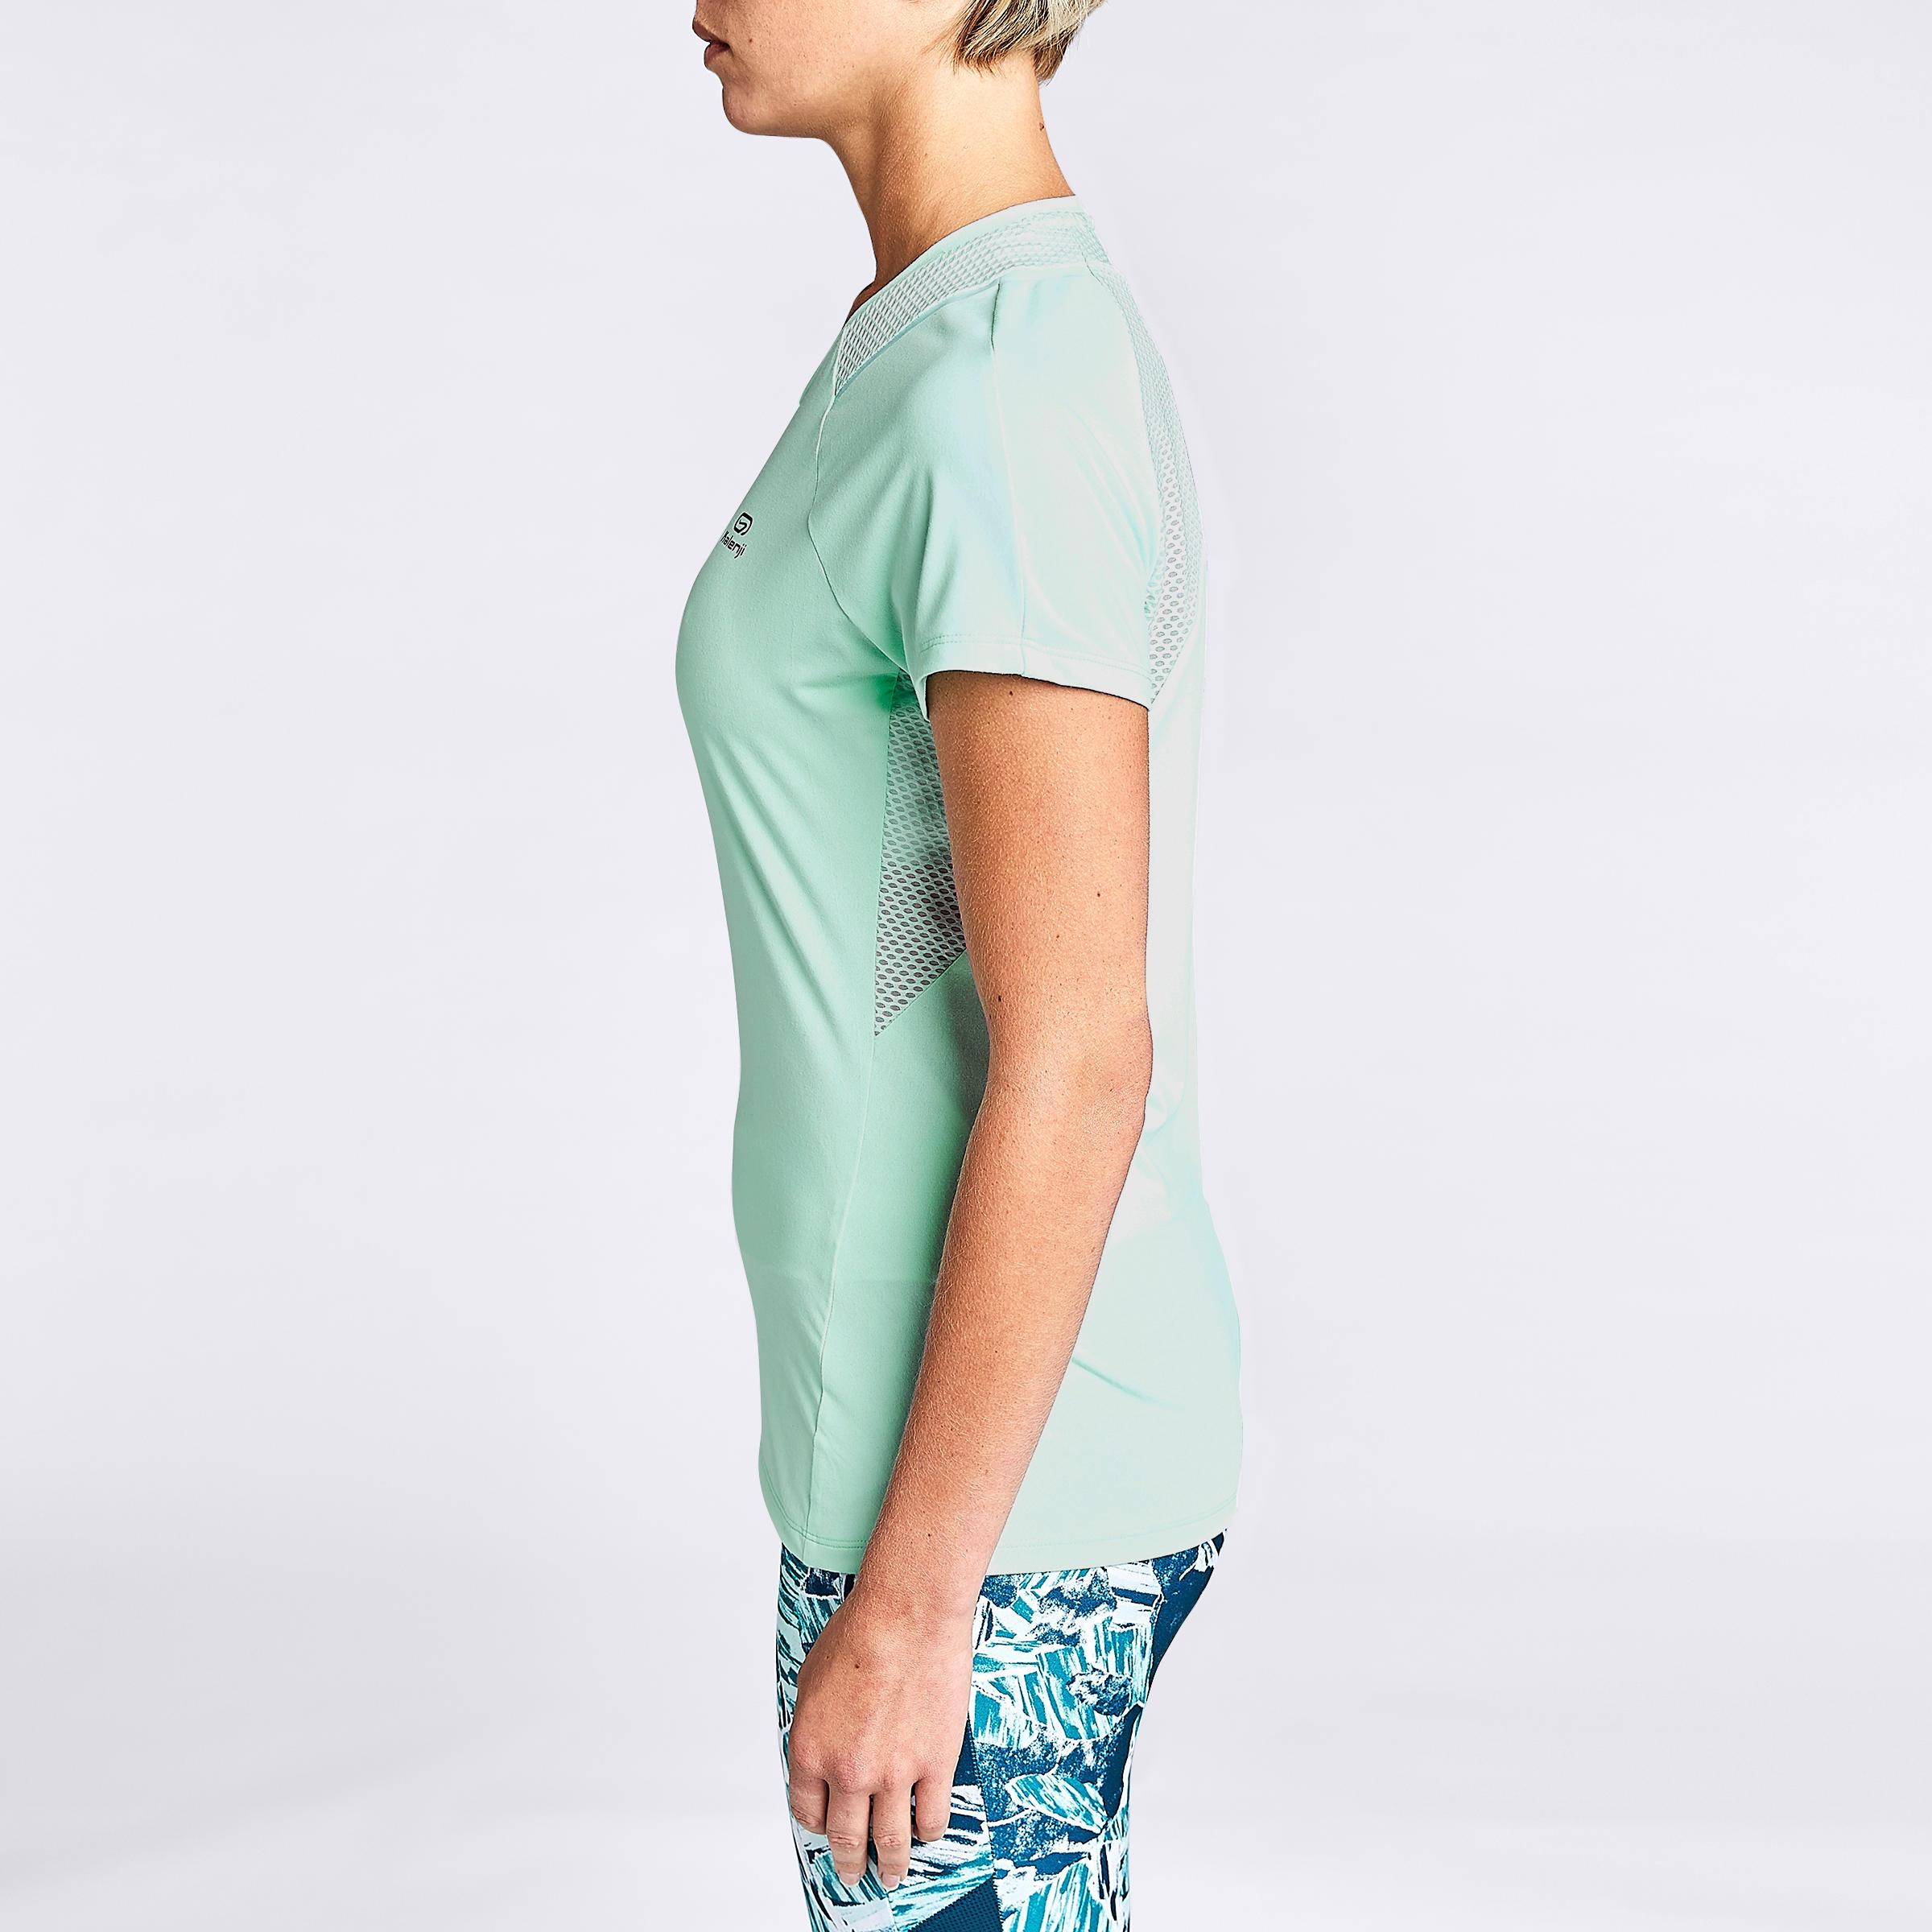 Shirt Clair Jogging Femme DryVert Run T kZnXNw0OP8